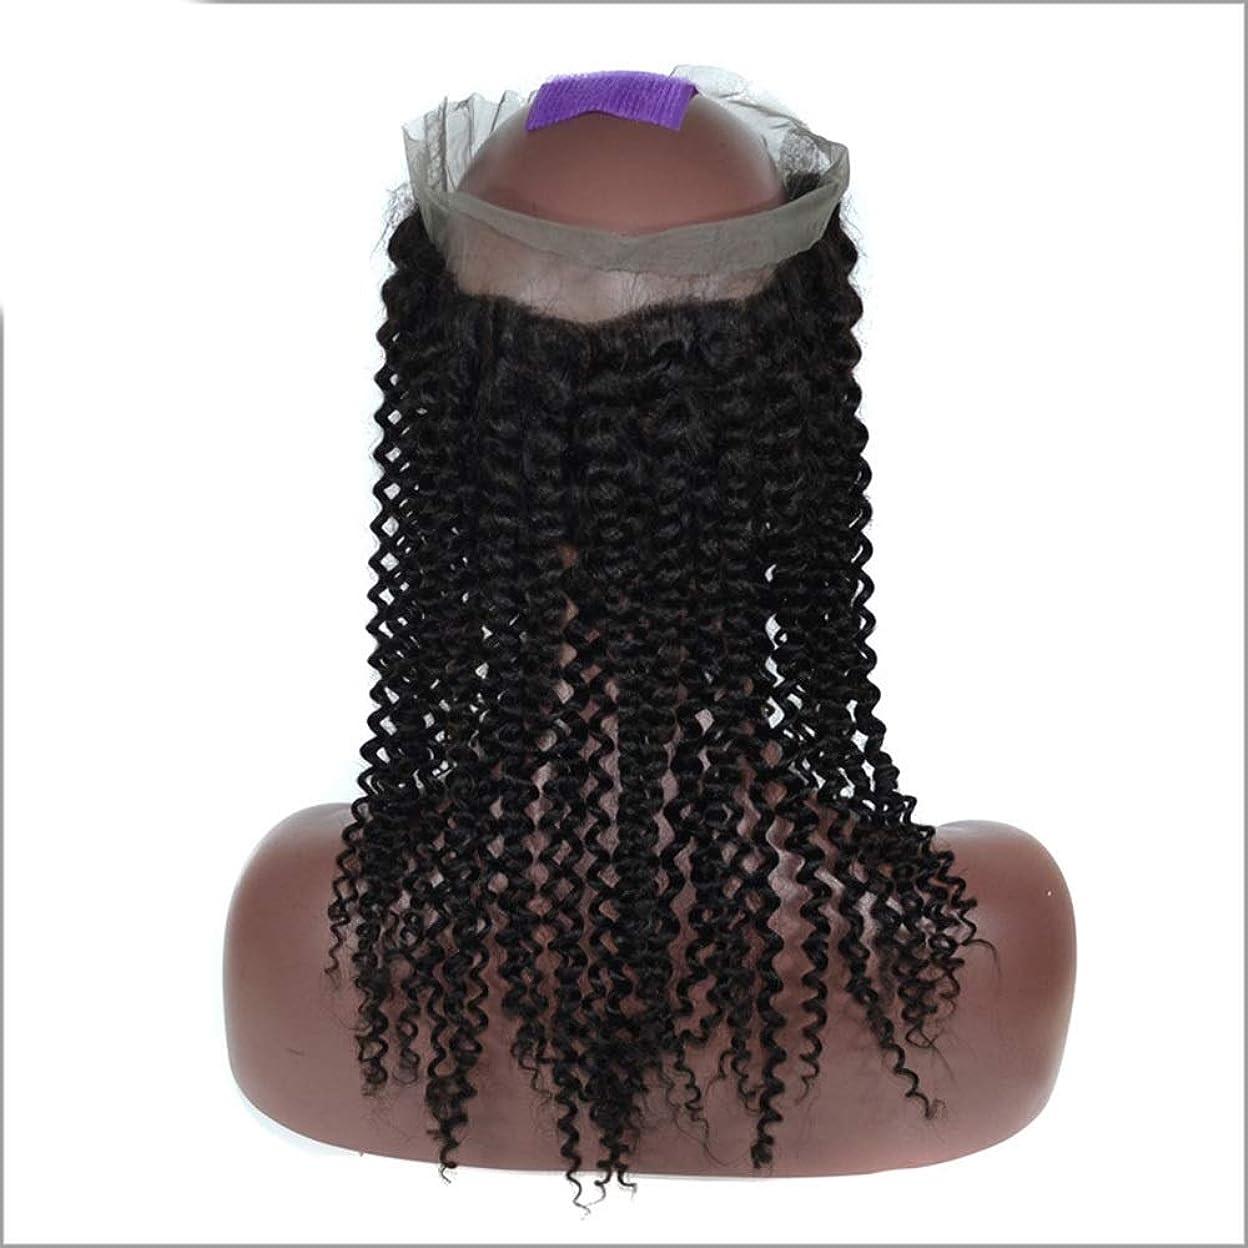 投獄正当化するリンスHOHYLLYA 女性3/4ウィッグハーフ - 変態カールウェーブ - ナチュラルカラー 本物の人間の髪の毛 - クリップのヘアピースエクステンションパーティーかつら (色 : 黒, サイズ : 18 inch)